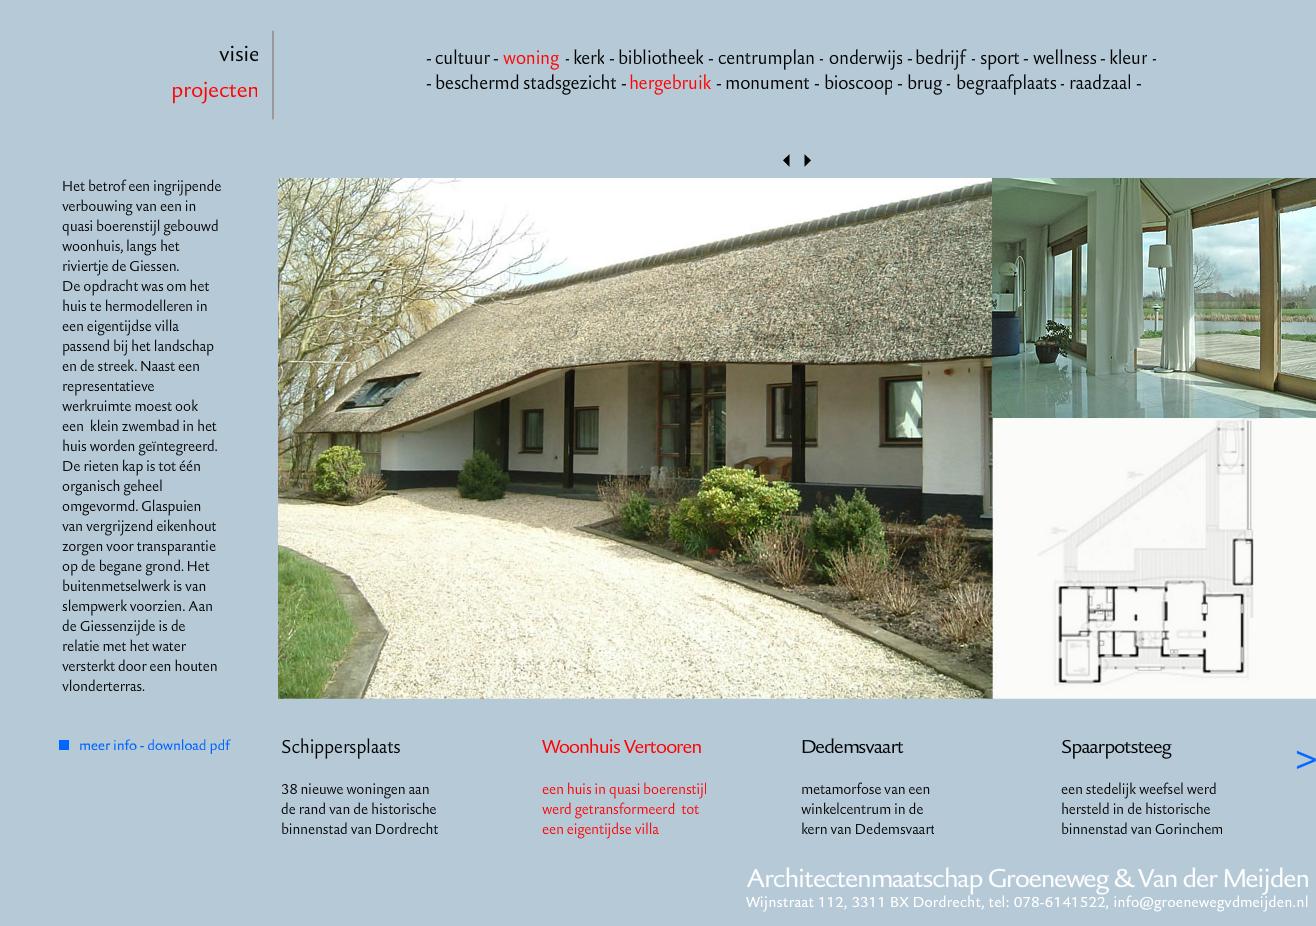 2009 - Groeneweg & vd Meijden Architecten